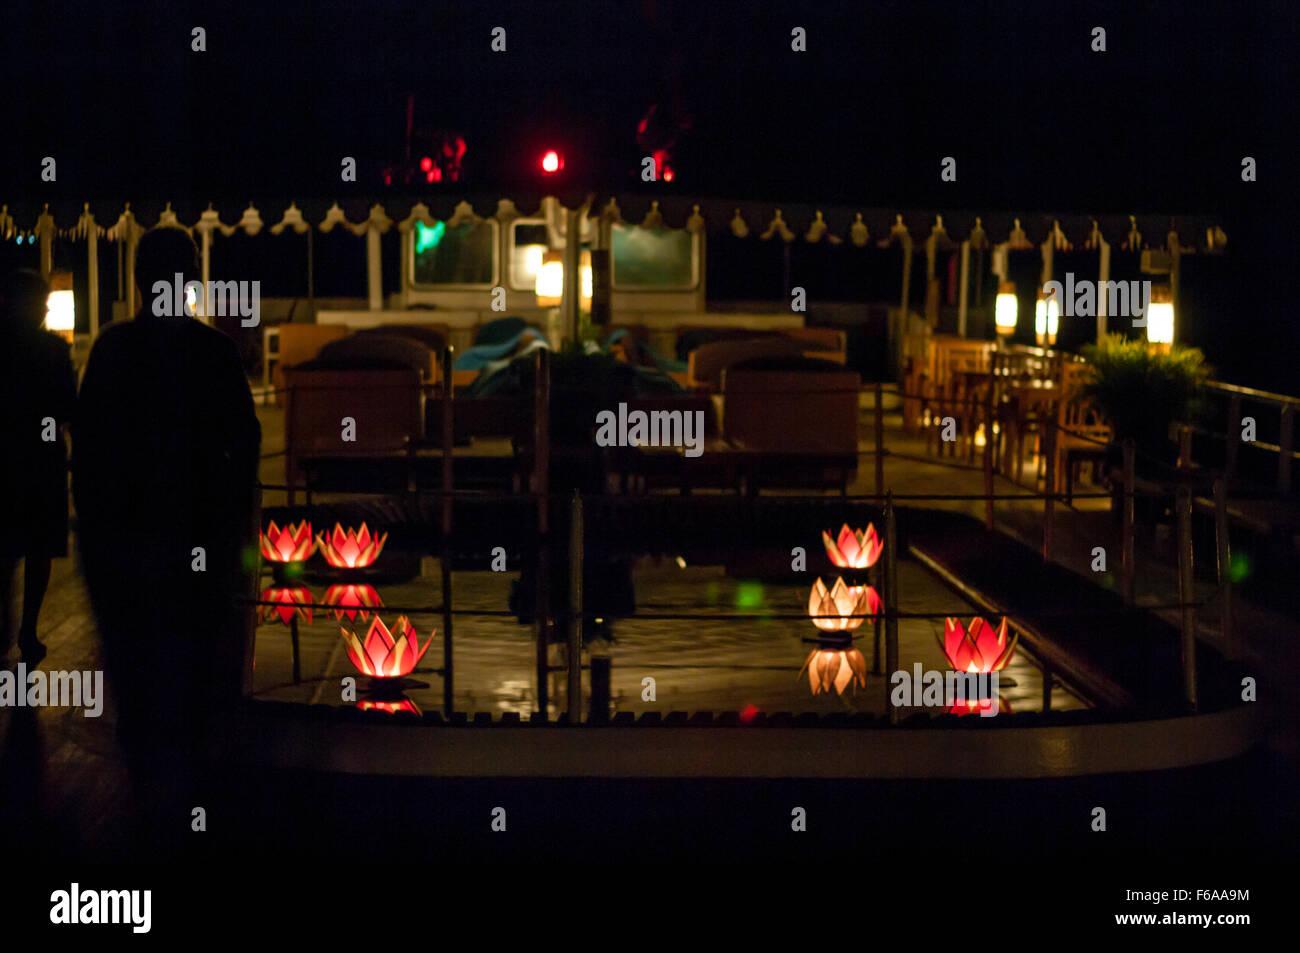 """Pool-Deck des Flusses """"Road to Mandalay"""" Kreuzfahrtschiff in Myanmar in der Nacht. Ruhige Szene mit schwimmenden Stockbild"""